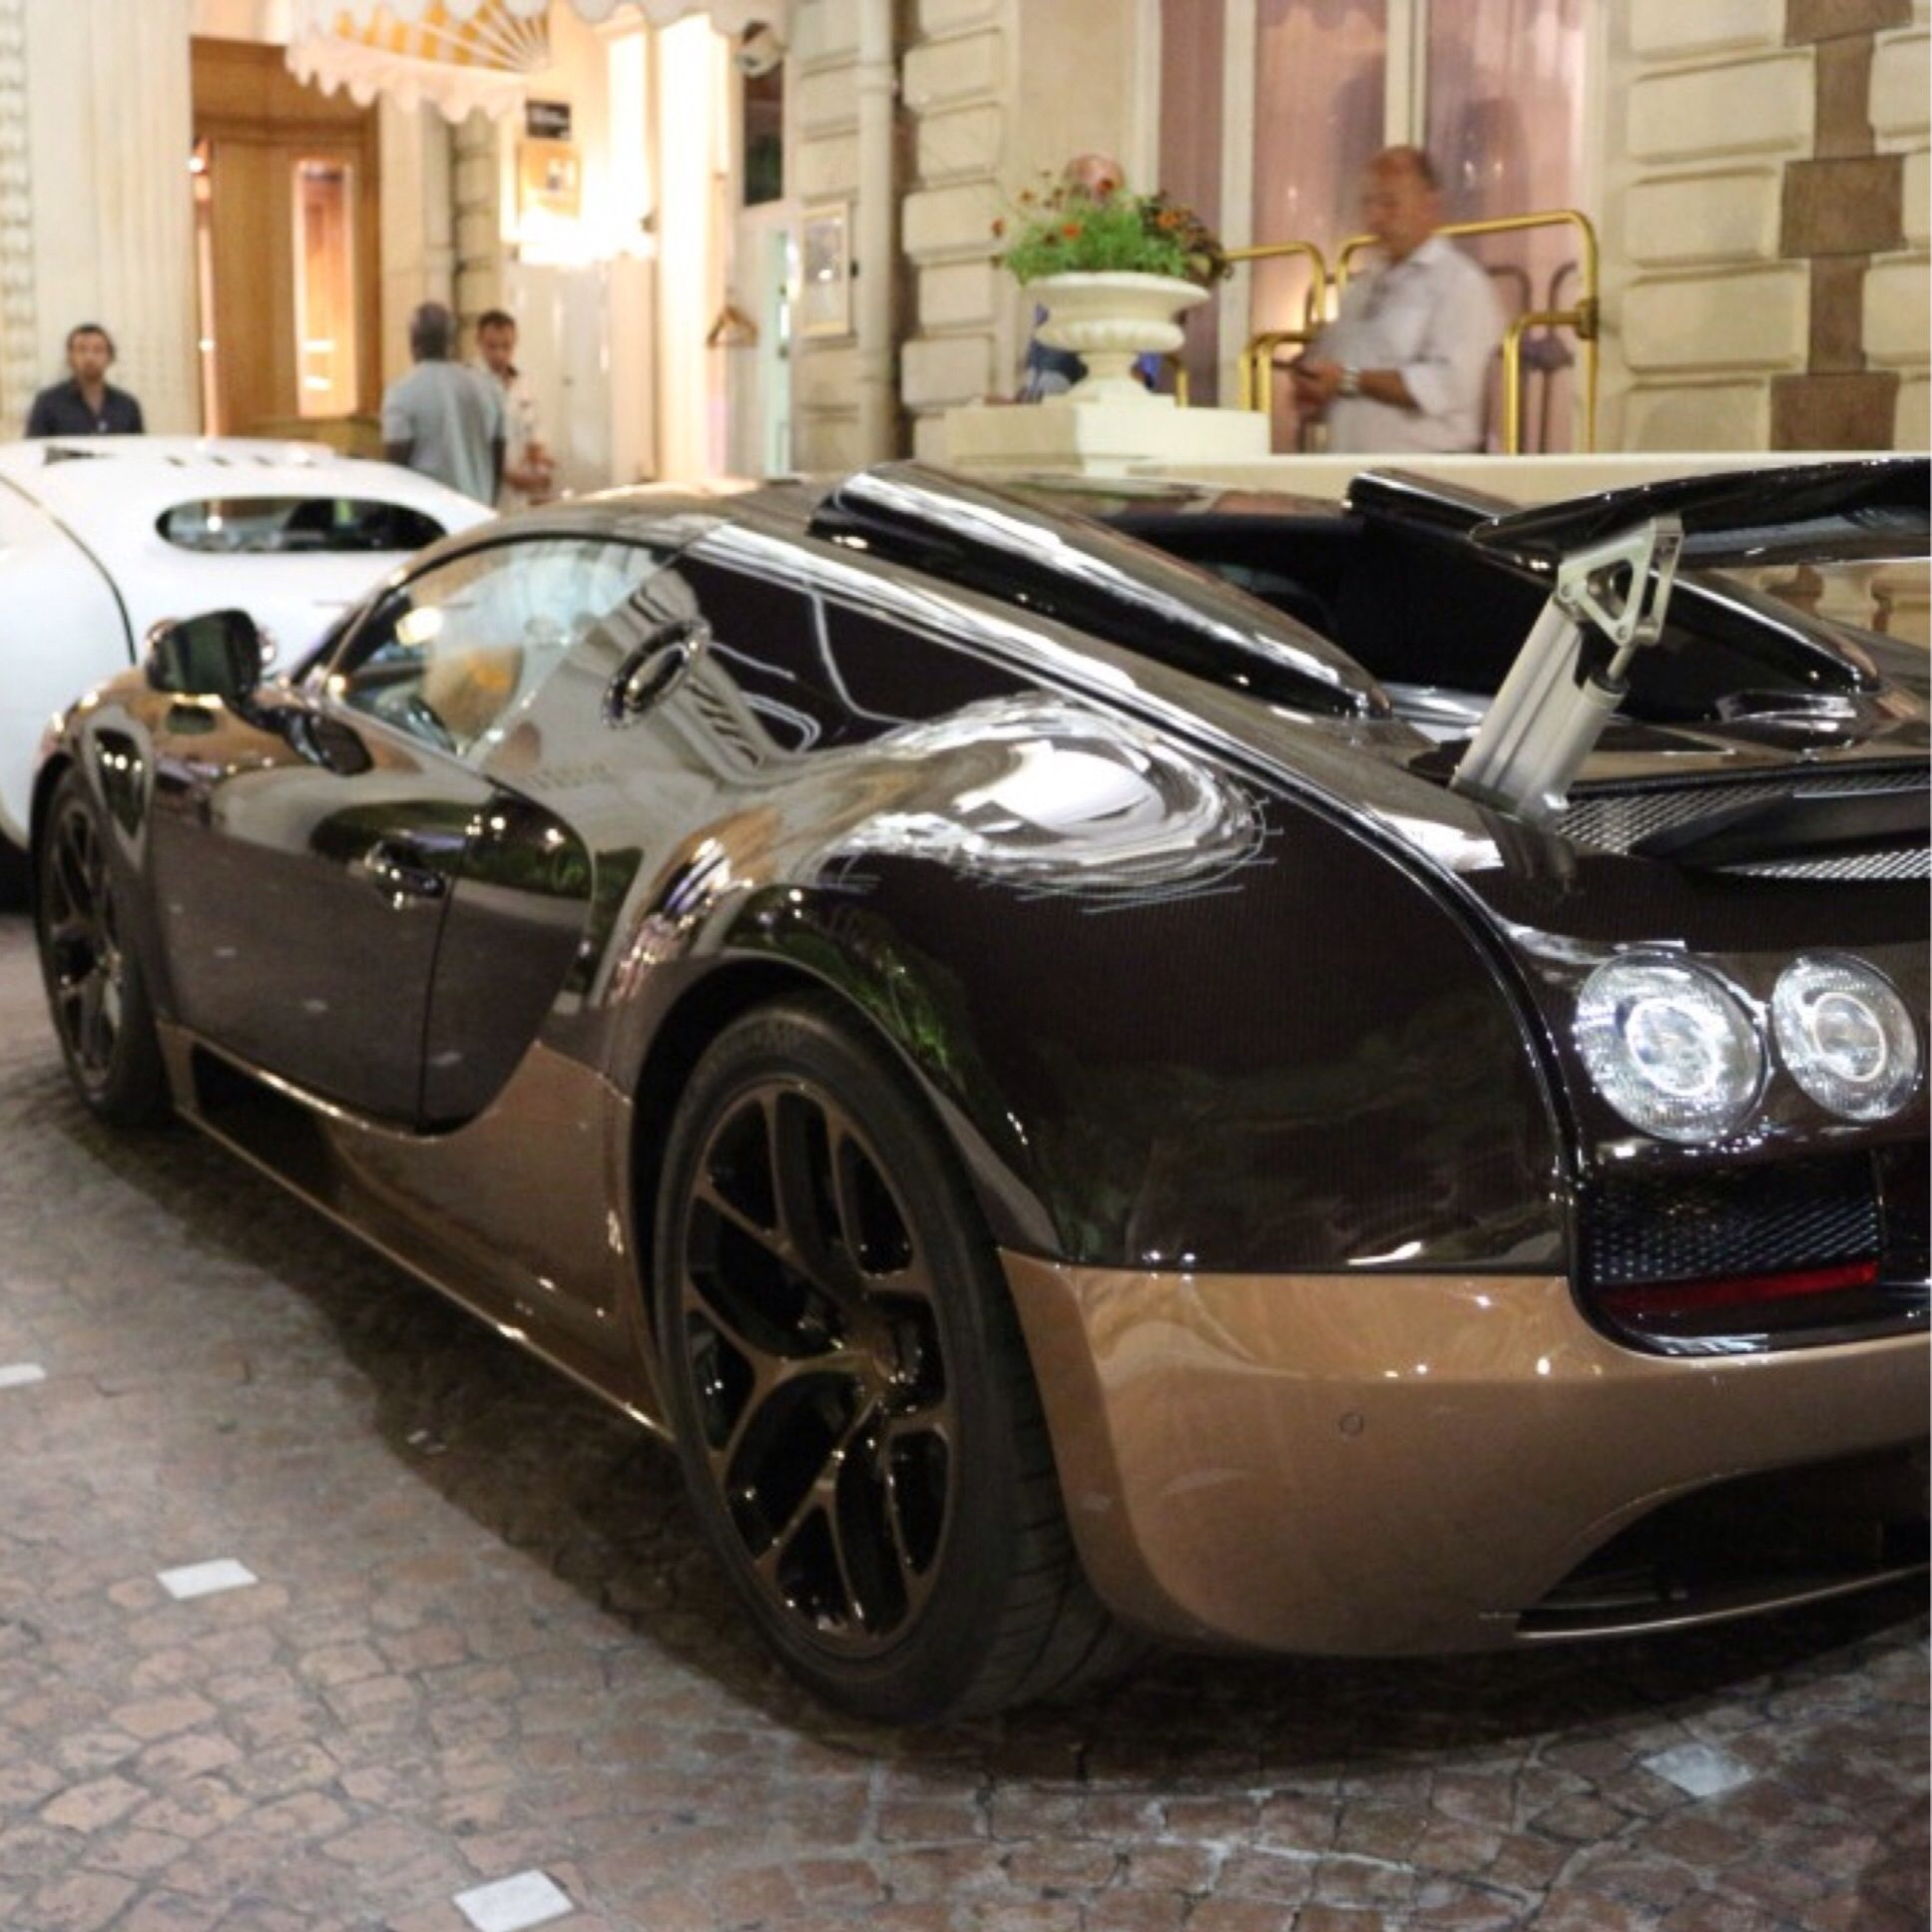 fcf85651126056303eca715435b5a4d8 Cozy Bugatti Veyron Rembrandt Edition Price Cars Trend